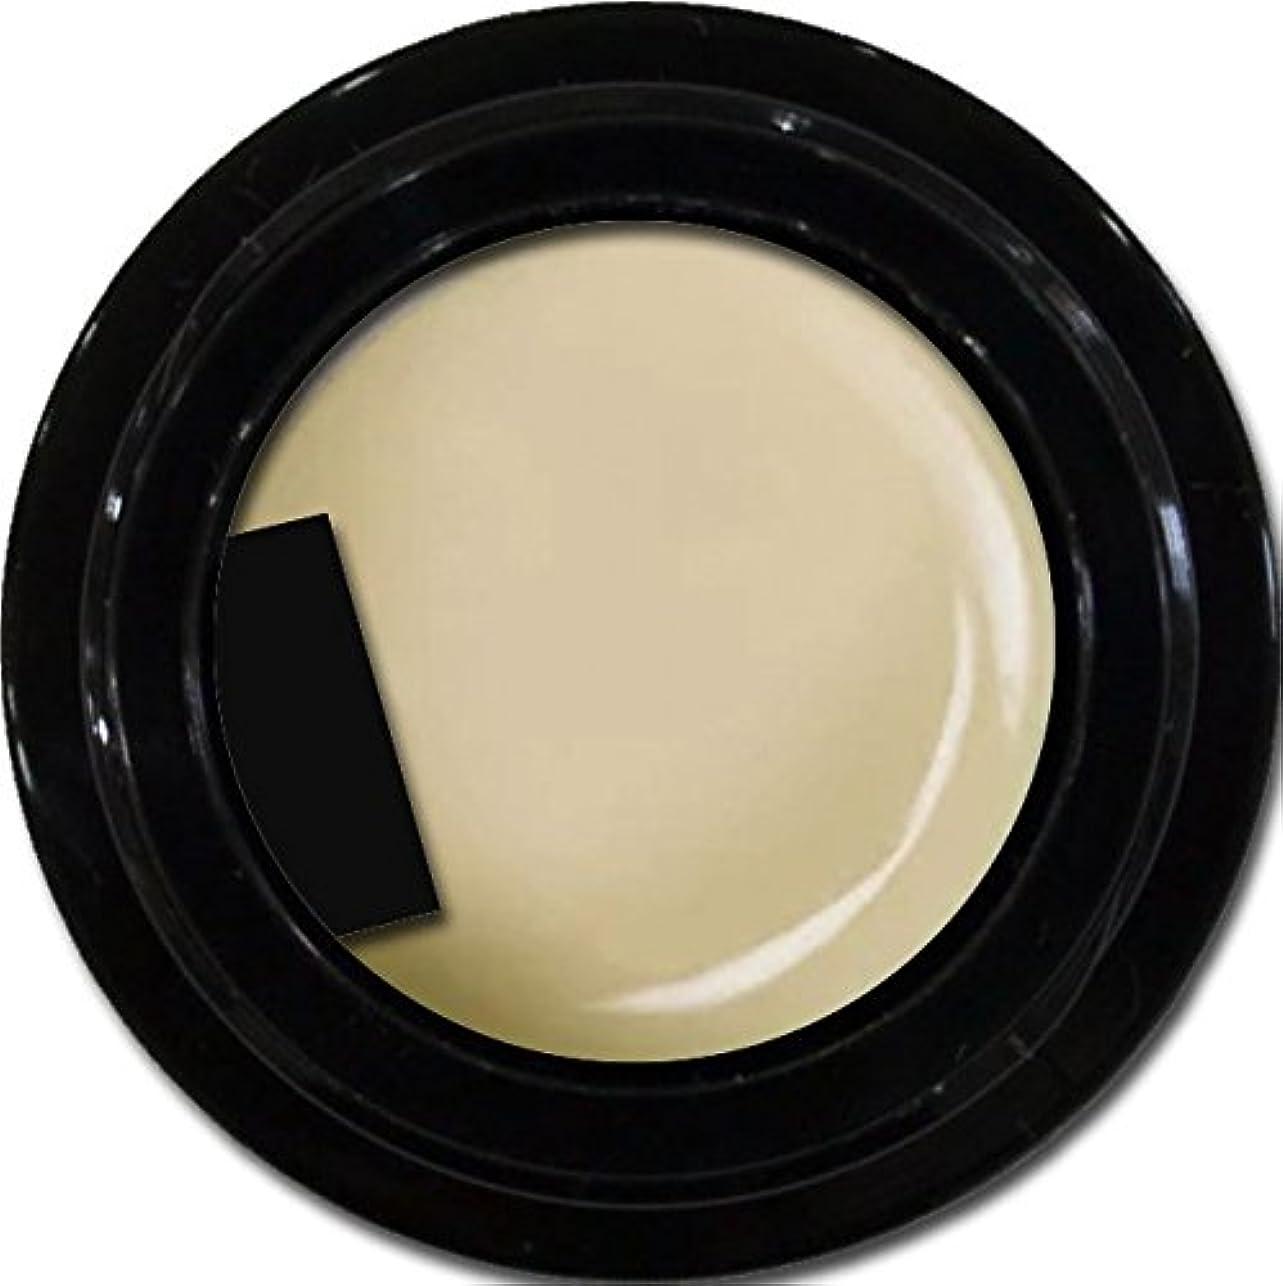 温室ソフィーレクリエーションカラージェル enchant gel color gel S601 GlegeShear 3g/ エンチャントジェル カラージェル グレージュシアー 3グラム